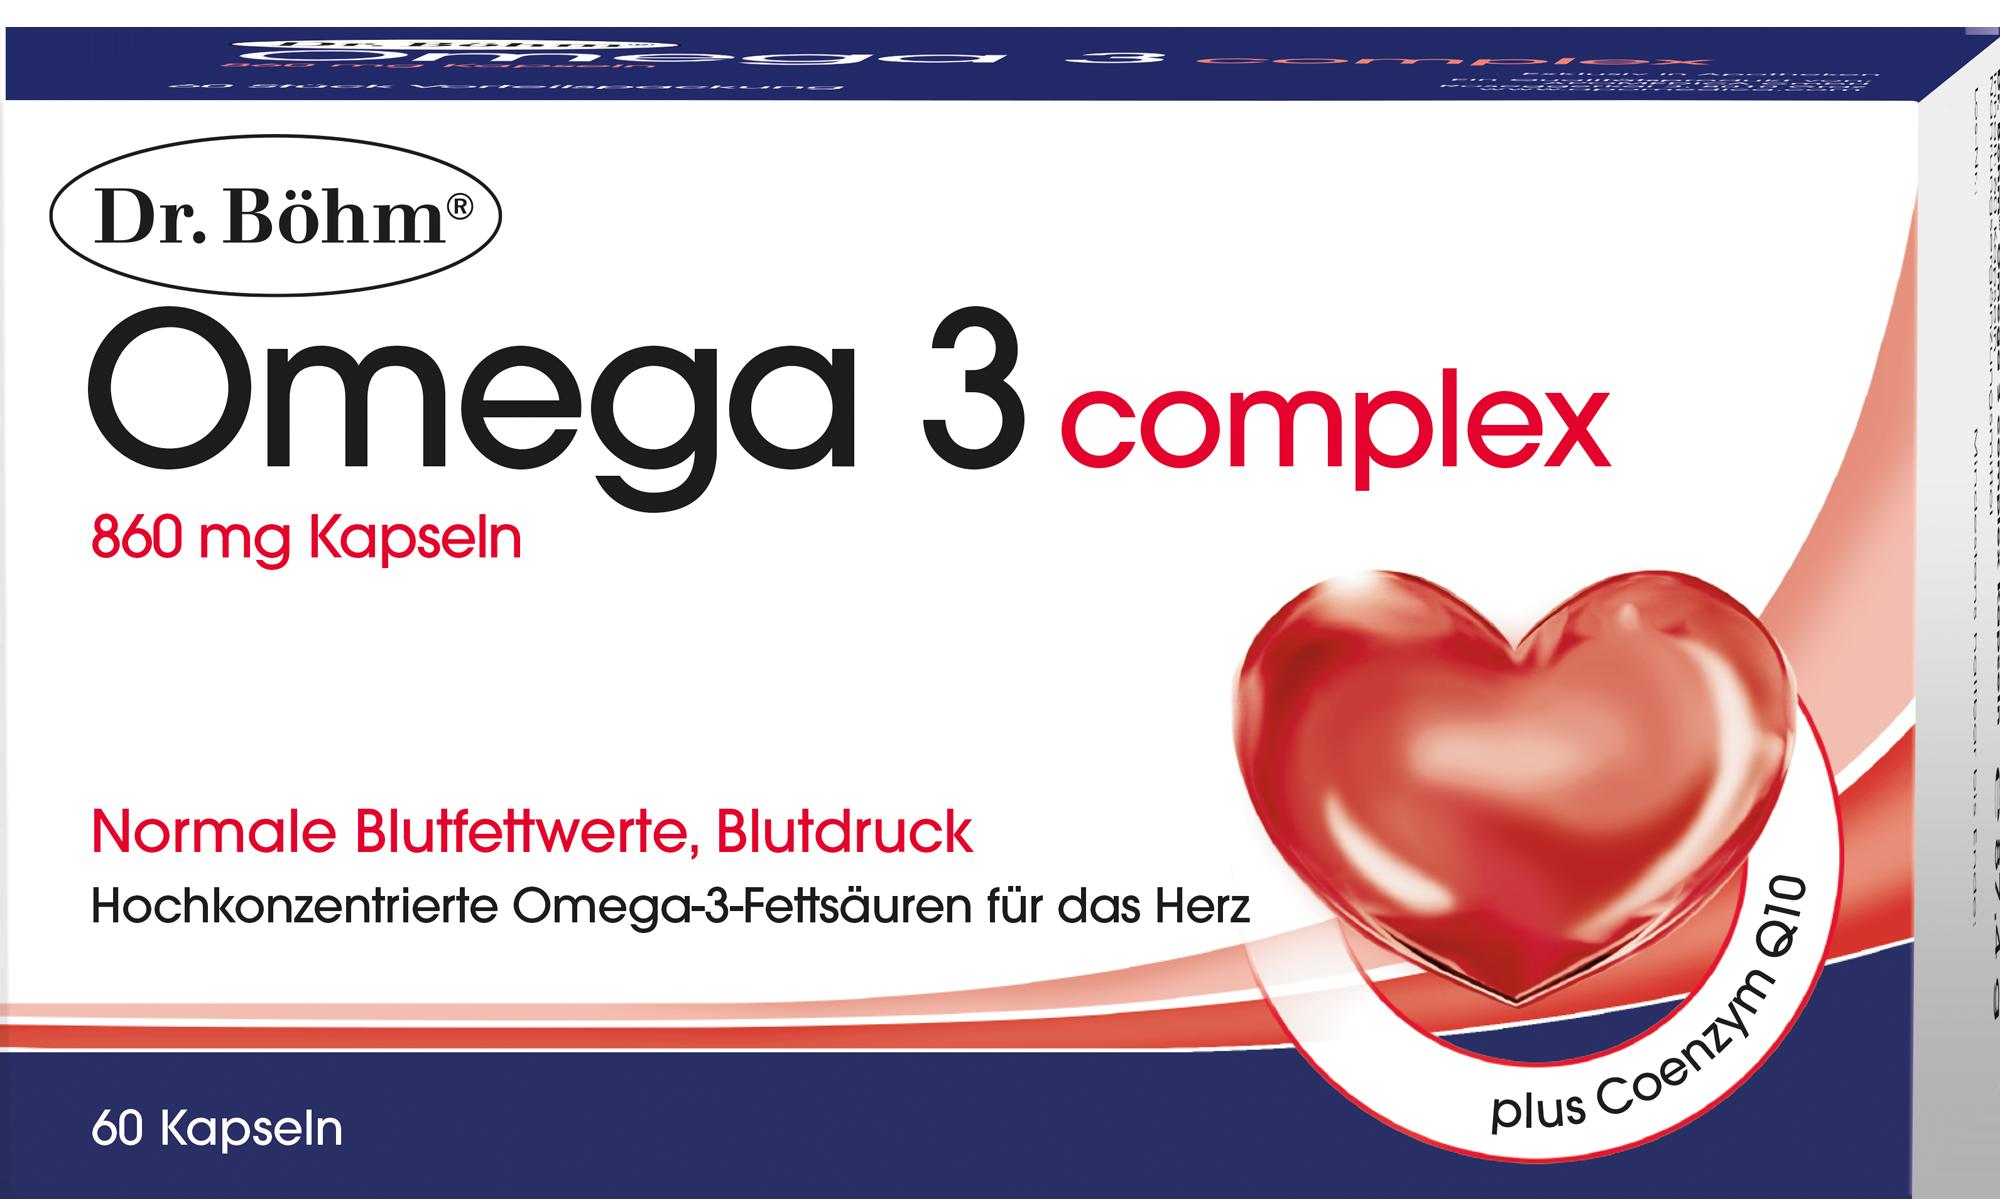 Dr. Böhm® Omega 3 complex 60 Kapseln - hochkonzentrierte Omega-3-Fettsäuren für das Herz